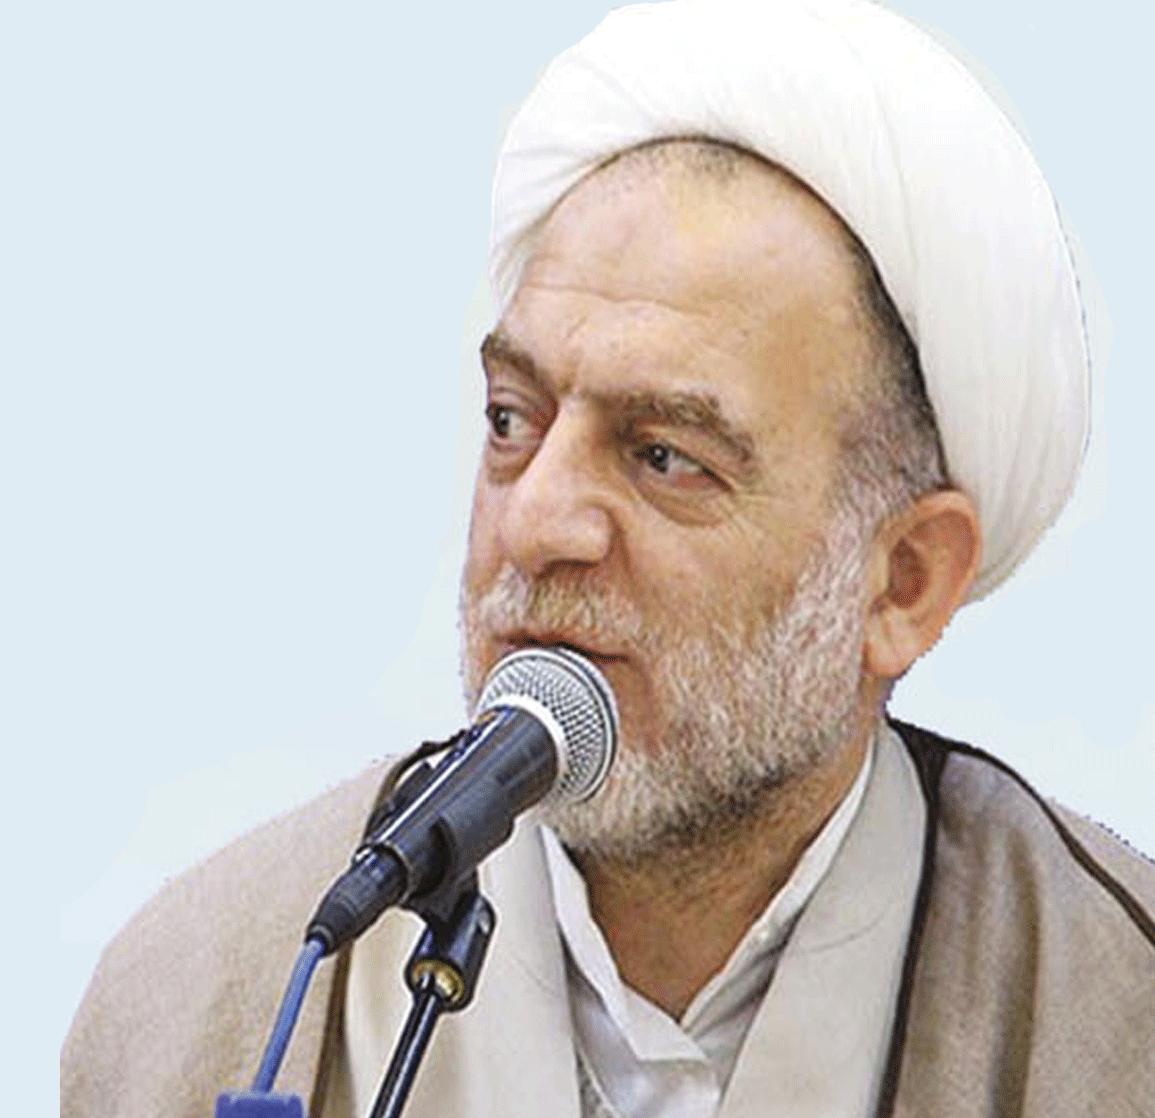 حجه الاسلام و المسلمین نیلی پور